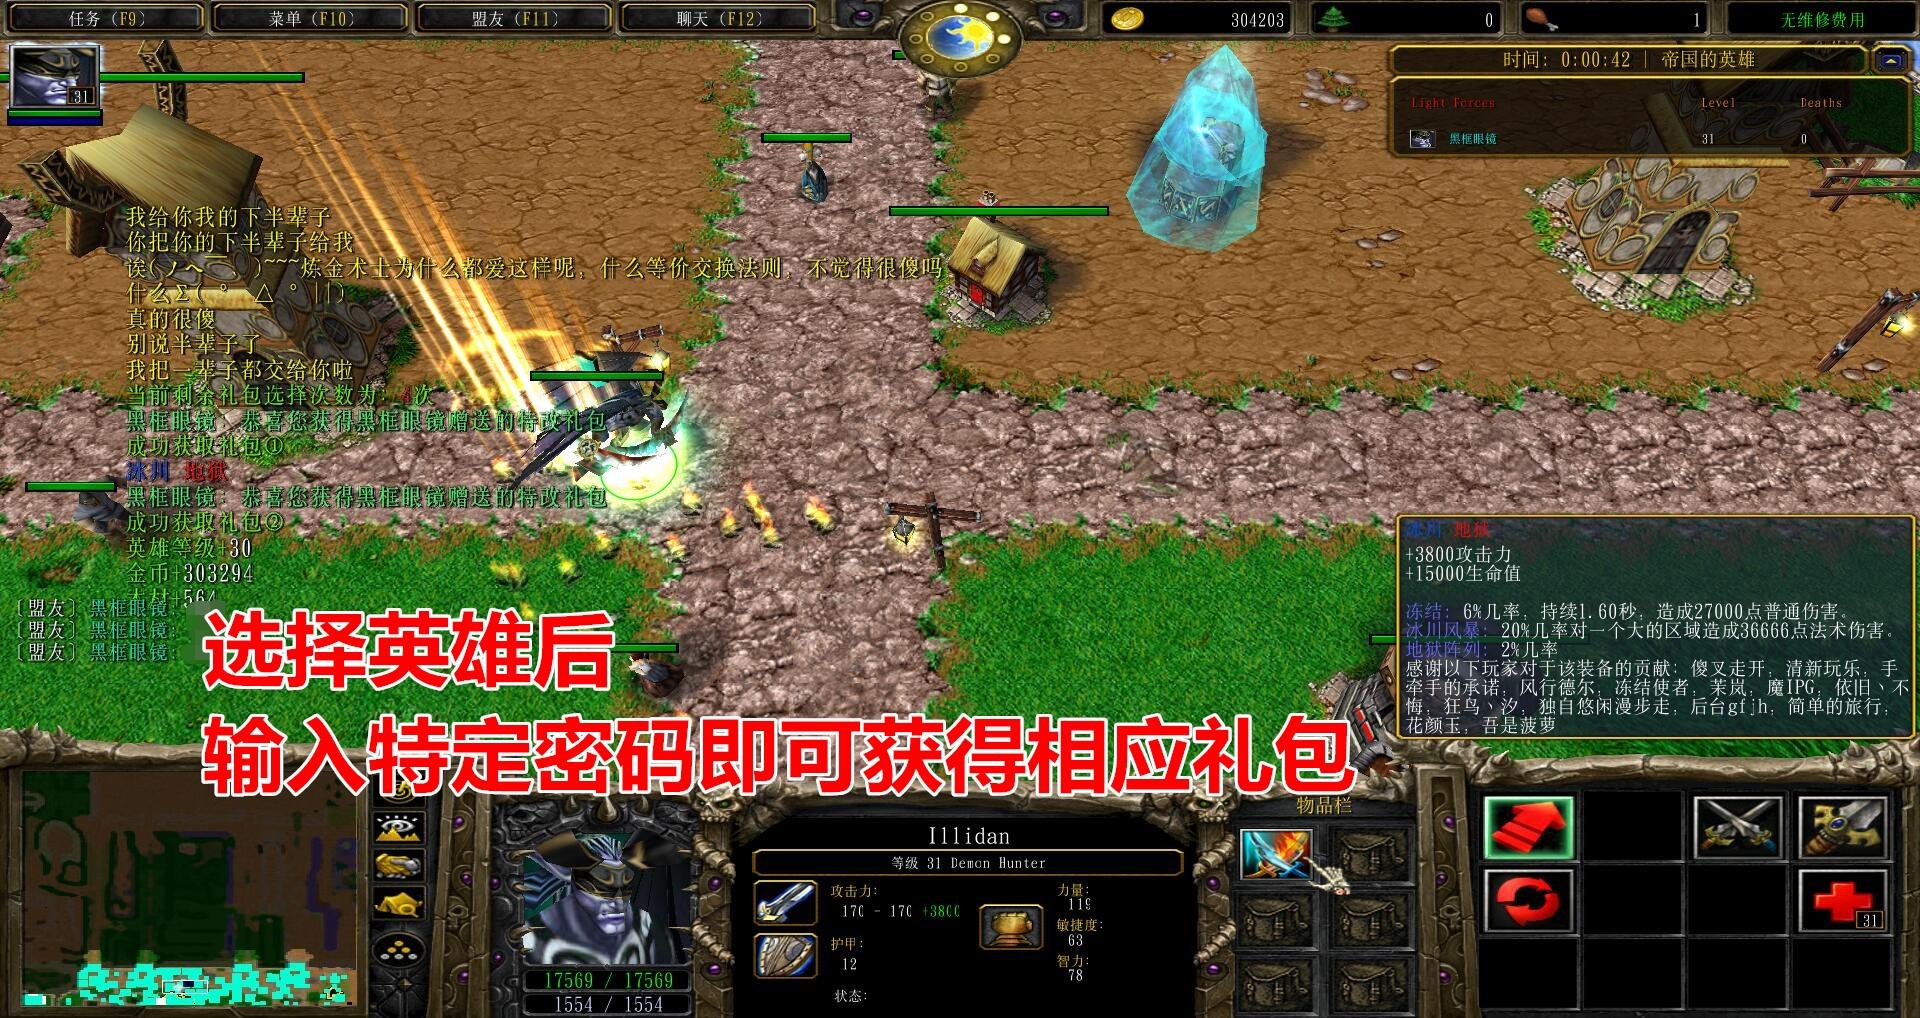 帝国的英雄汉化版v1.3.34黑式破解